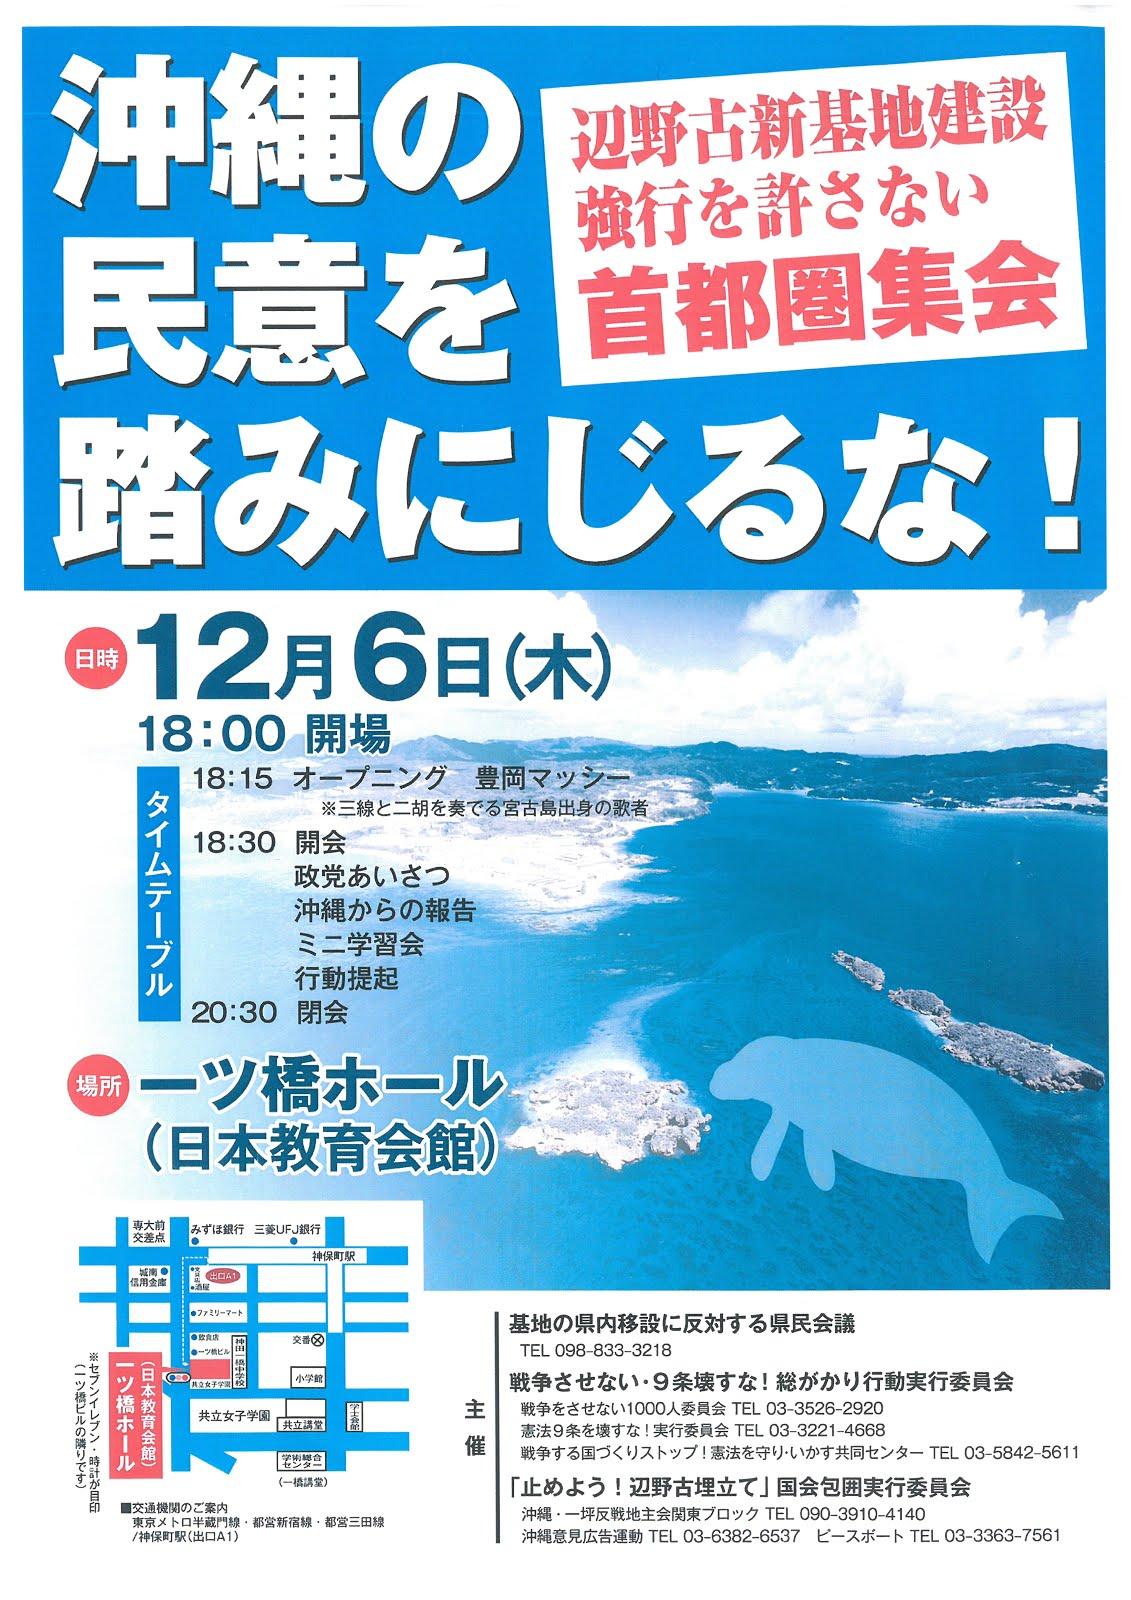 沖縄の民意を踏みにじるな!首都圏集会12月6日(木)18:15オープニング、18:30開会 政党挨拶、沖縄報告。